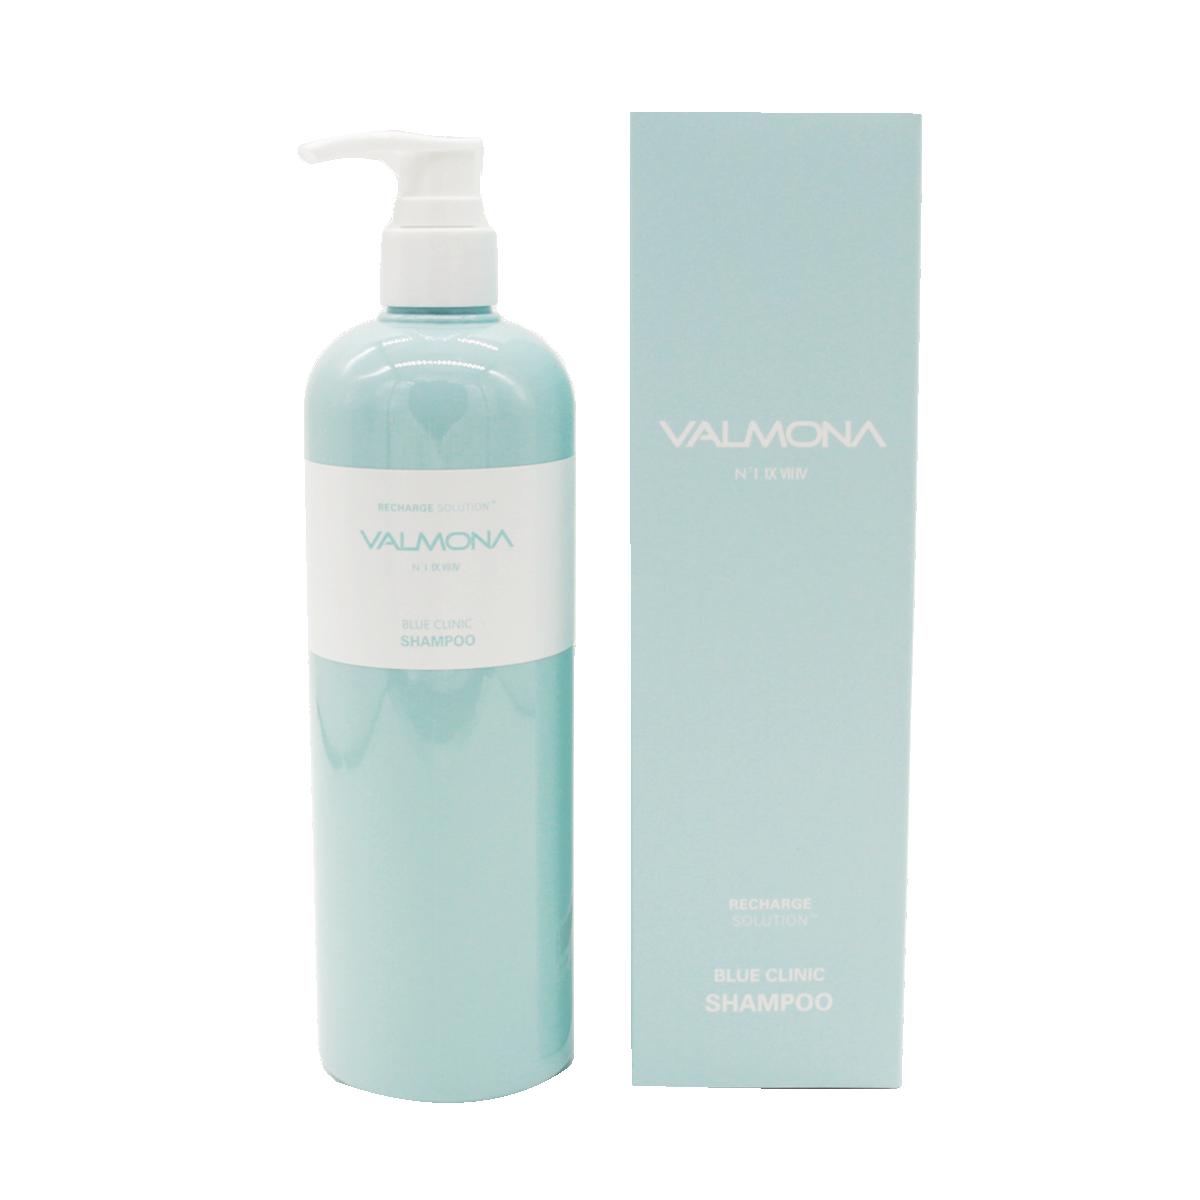 Шампунь для волос УВЛАЖНЕНИЕ Recharge Solution Blue Clinic Shampoo VALMONA, 480 мл